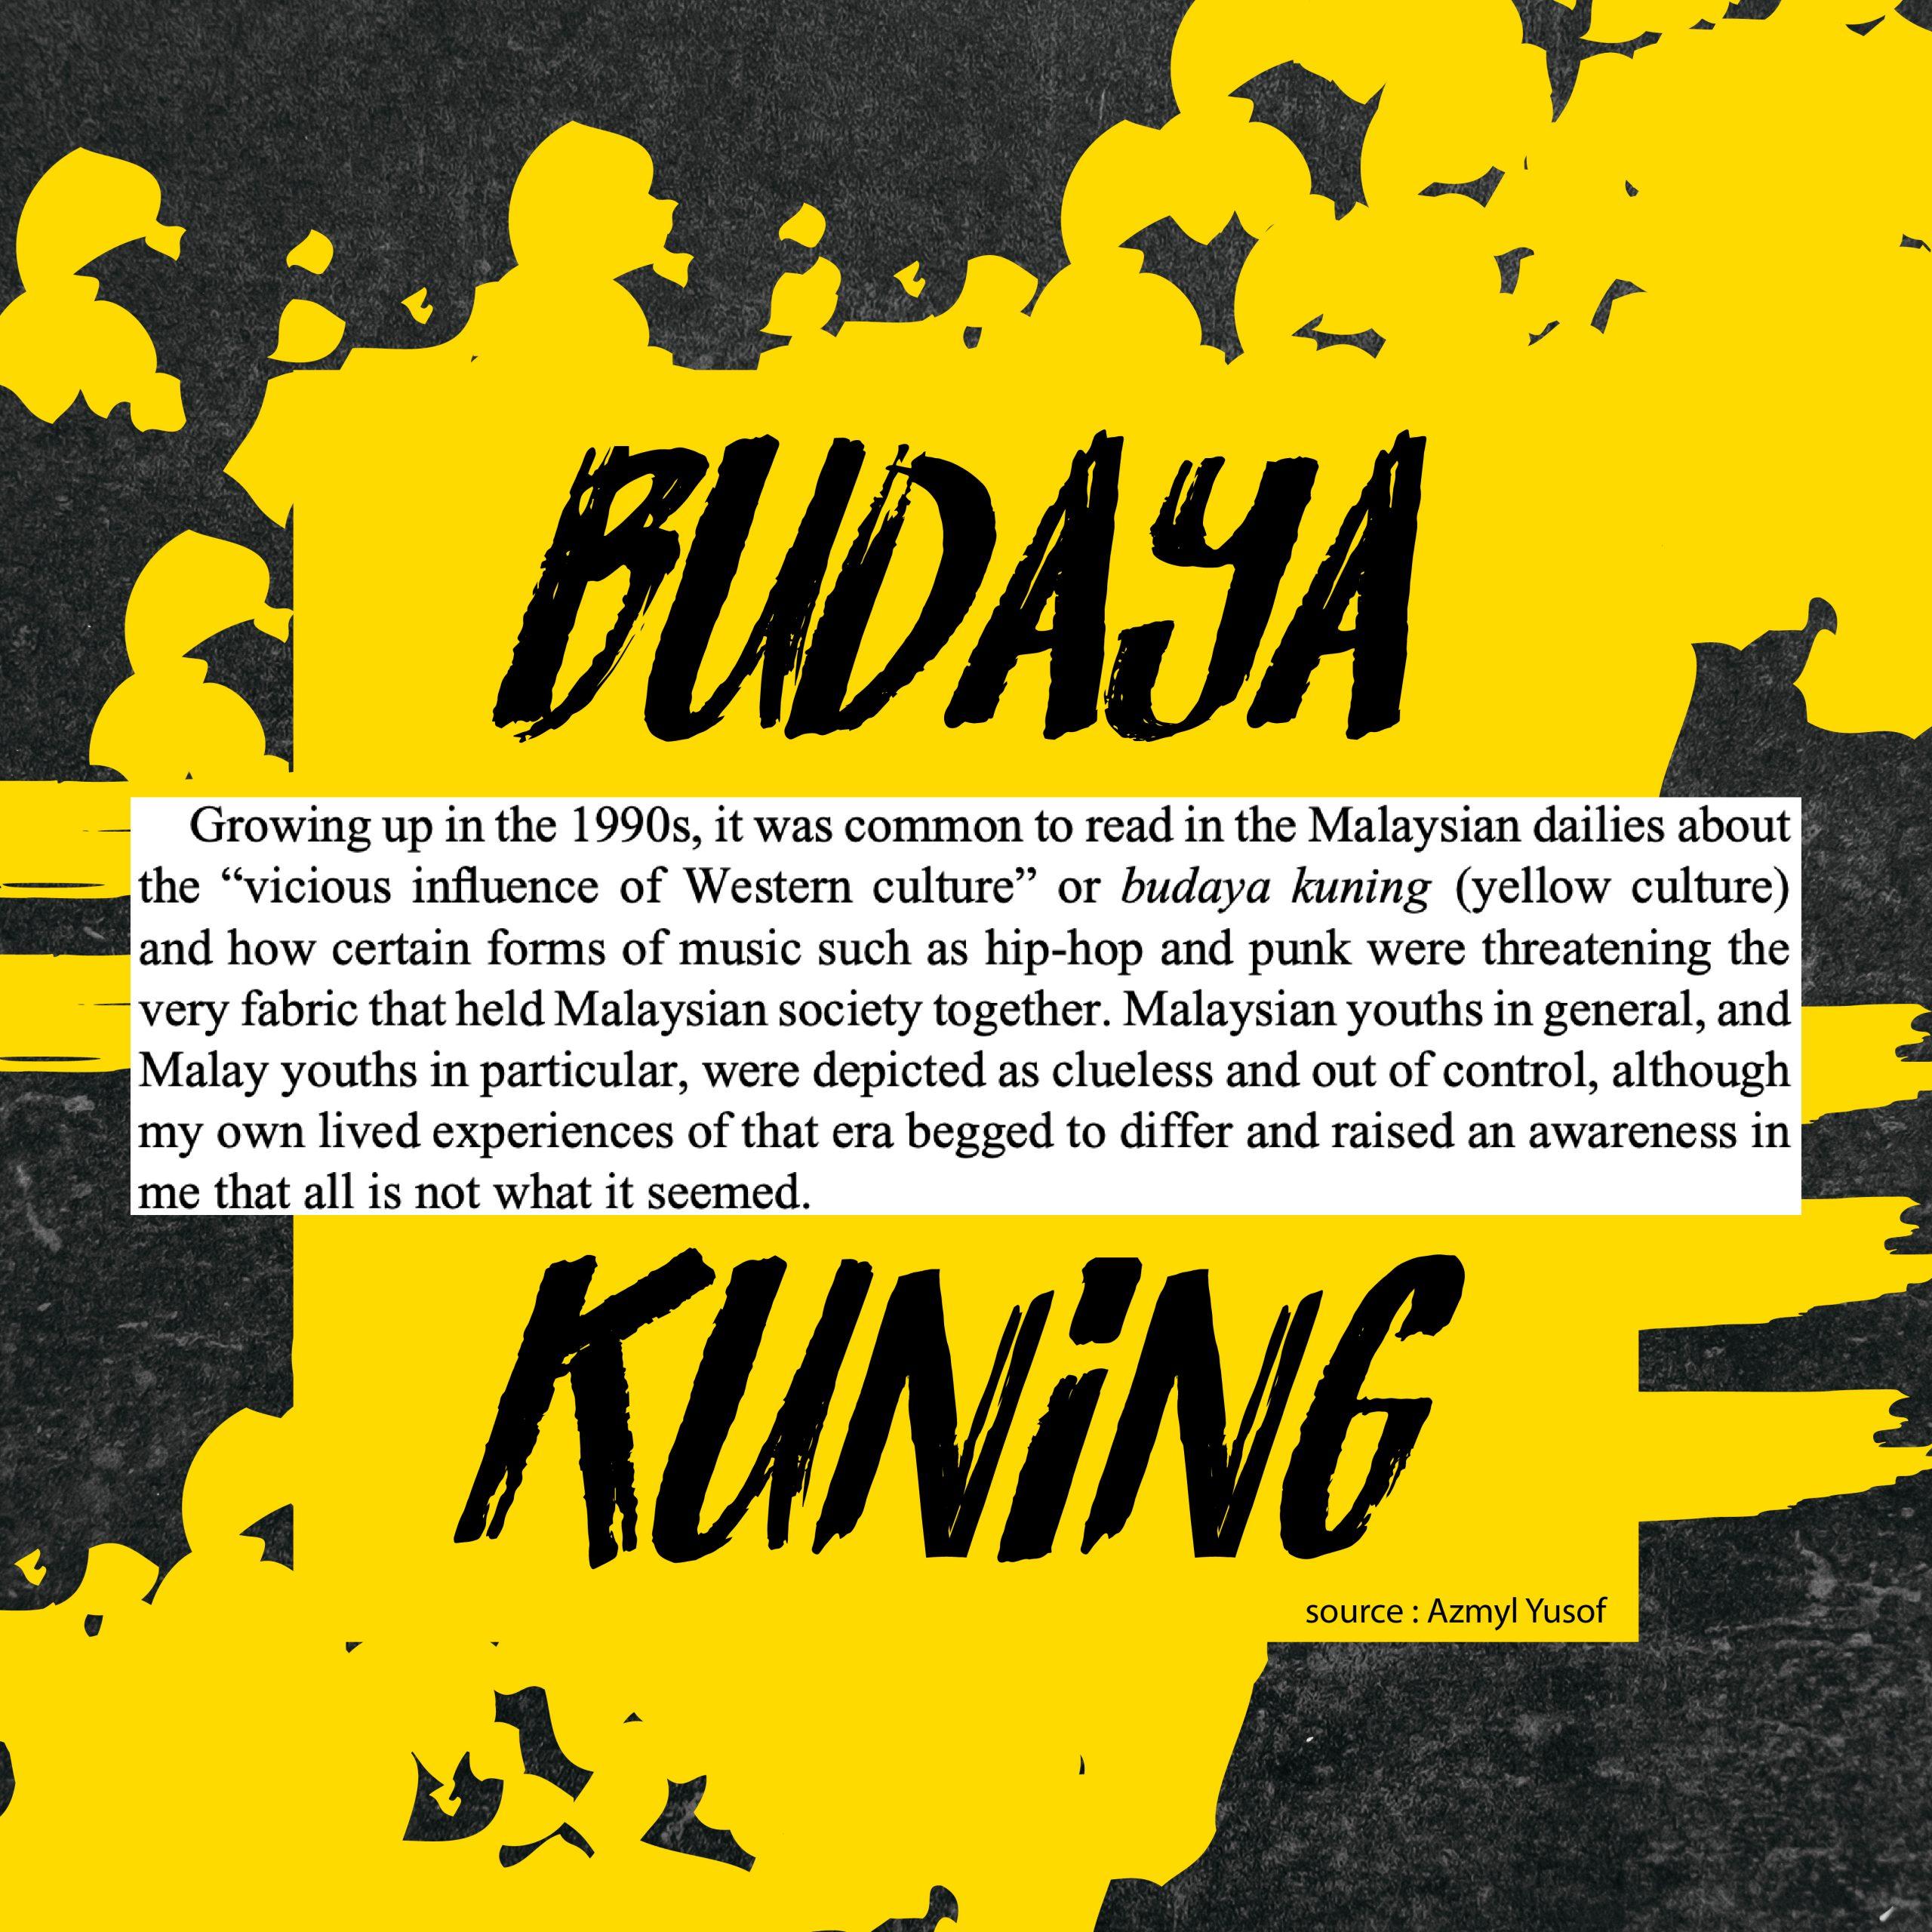 budaya kuning-01